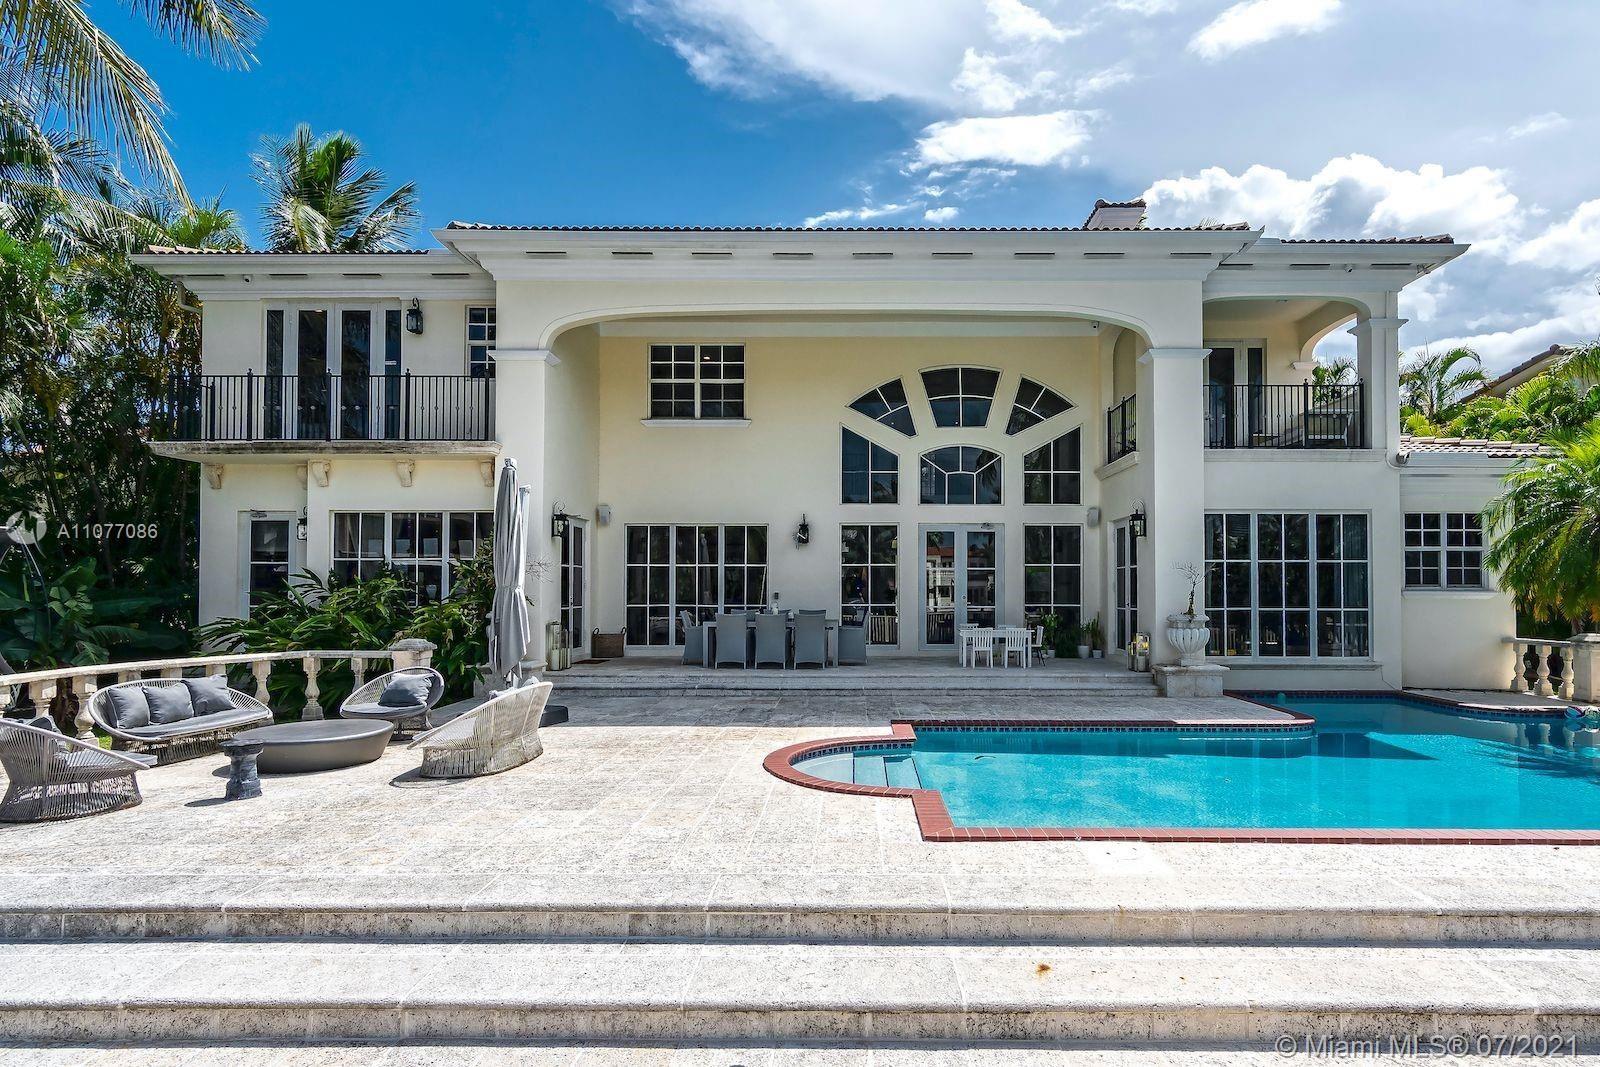 Photo of 455 Center Island Drive, Golden Beach, FL 33160 (MLS # A11077086)